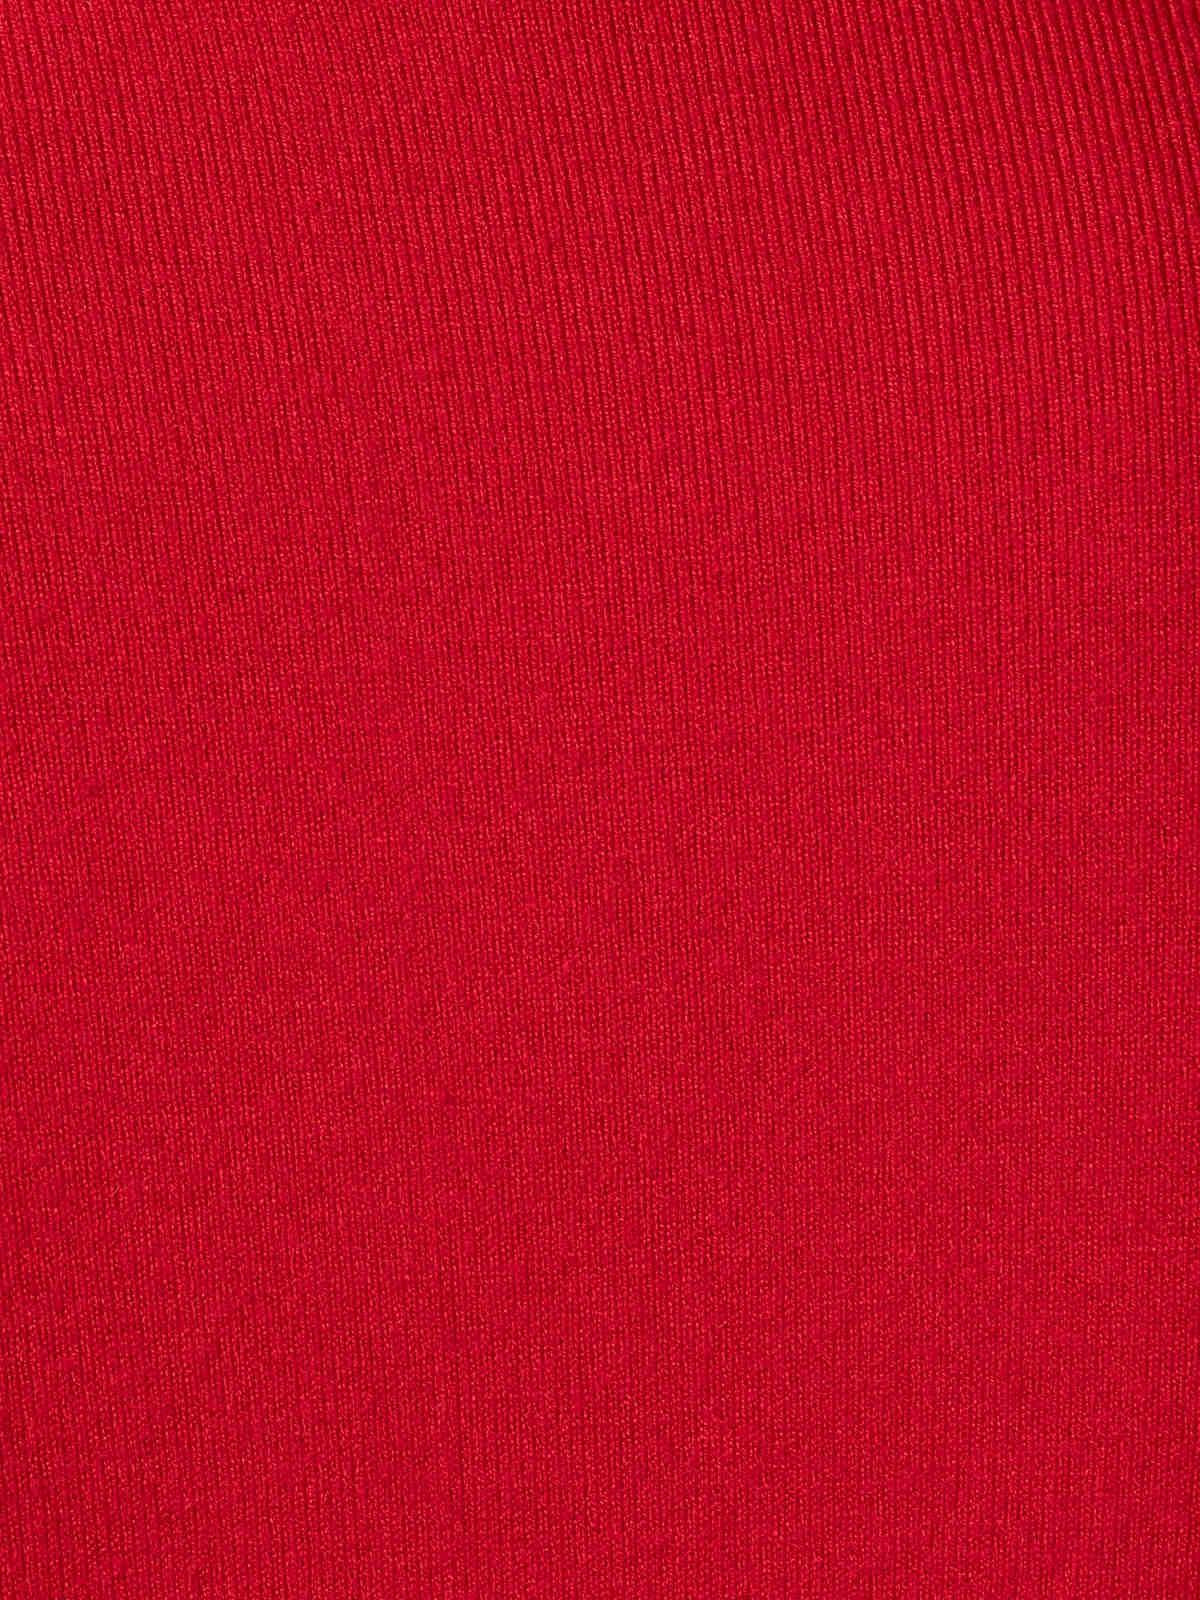 Jersey fino mujer cuello alto Rojo